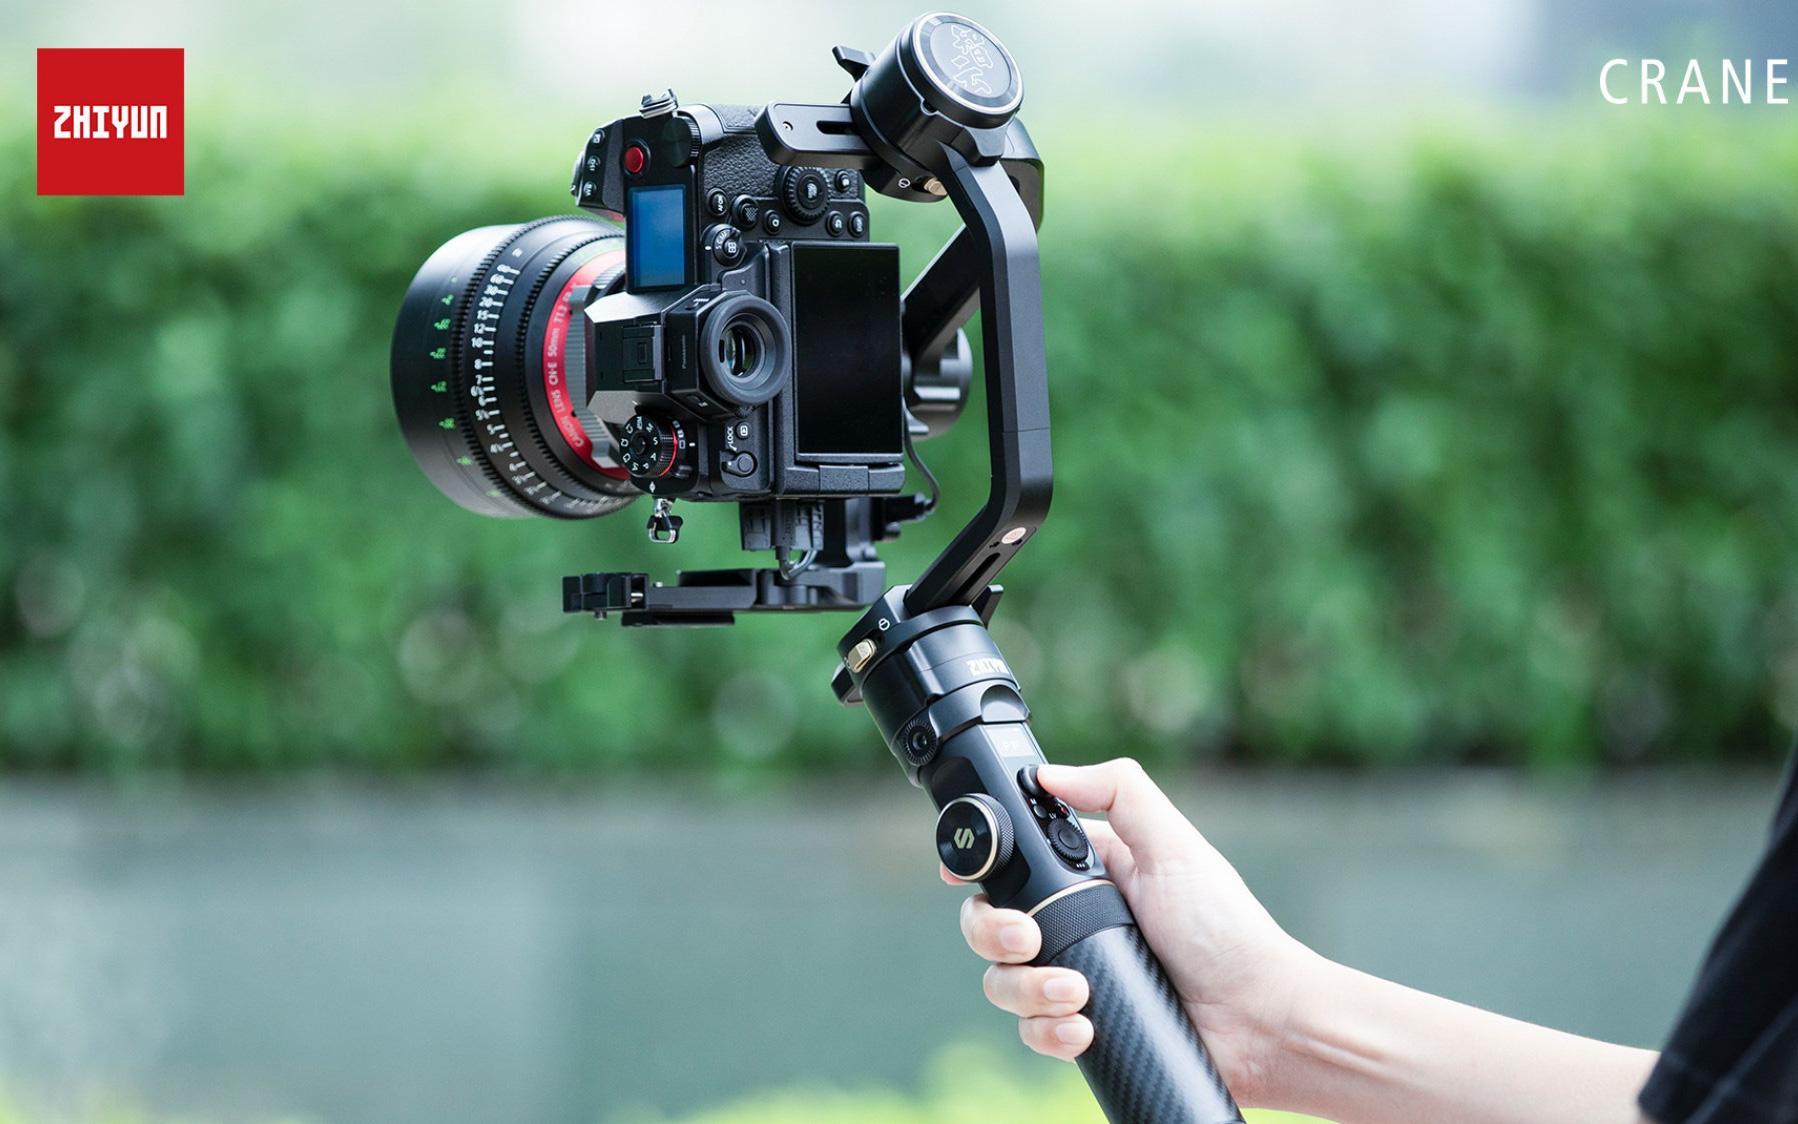 Tin vui cho các YouTuber: Gimbal chống rung CRANE 2S chính thức ra mắt với thiết kế cổ điển, tính năng cải tiến